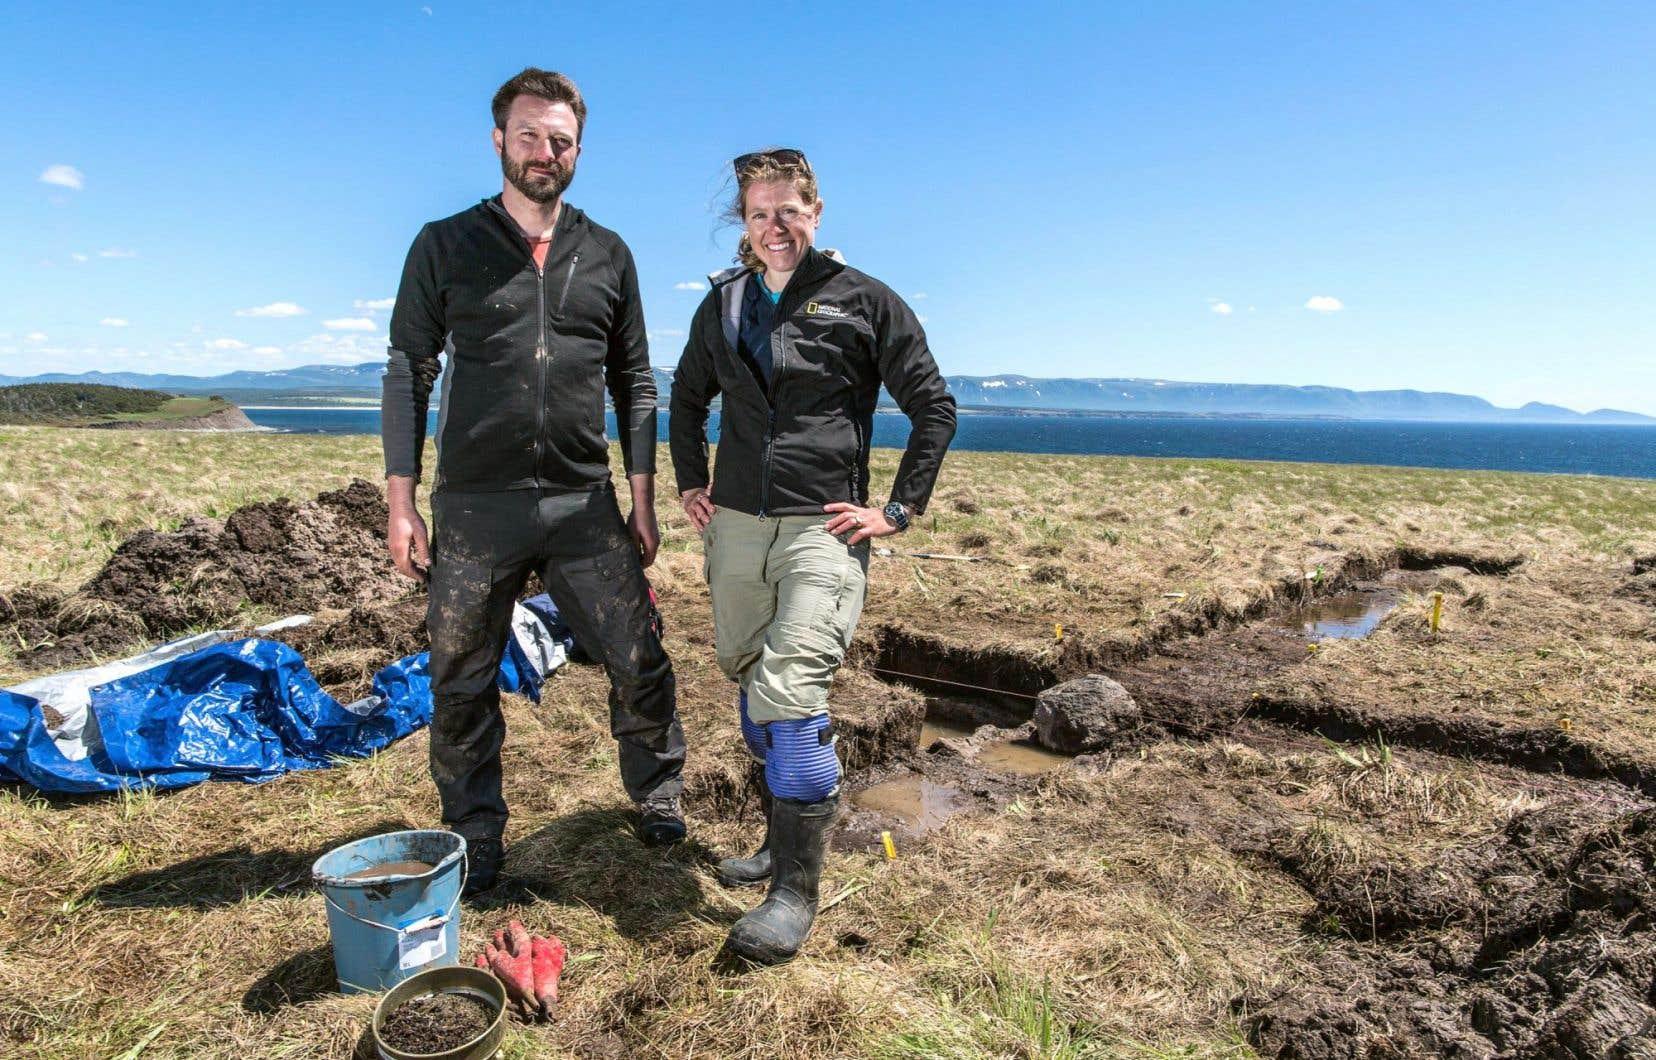 Les archéologues Douglas Bolender et Sarah H. Parcak sur le site de Point Rosee, à l'extrême ouest de Terre-Neuve